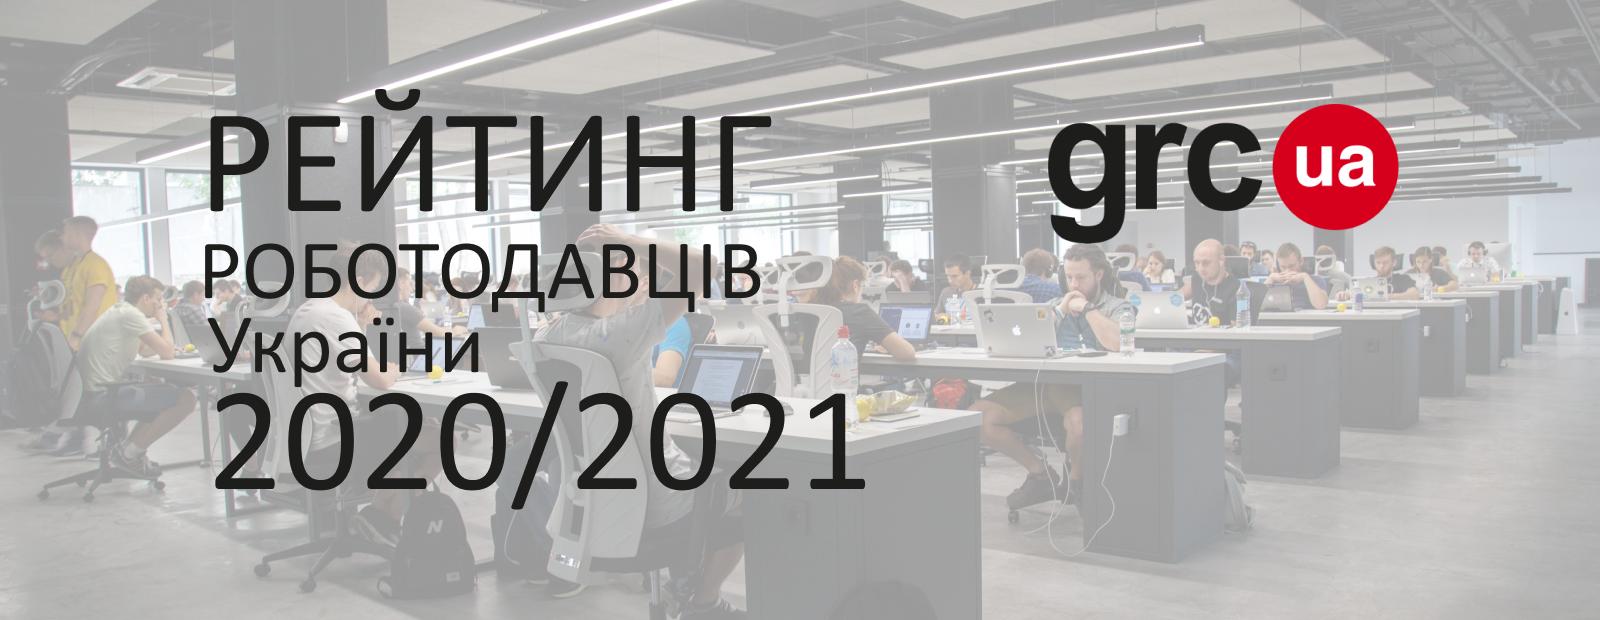 Обираємо кращих. Стартує Рейтинг роботодавців України 2020